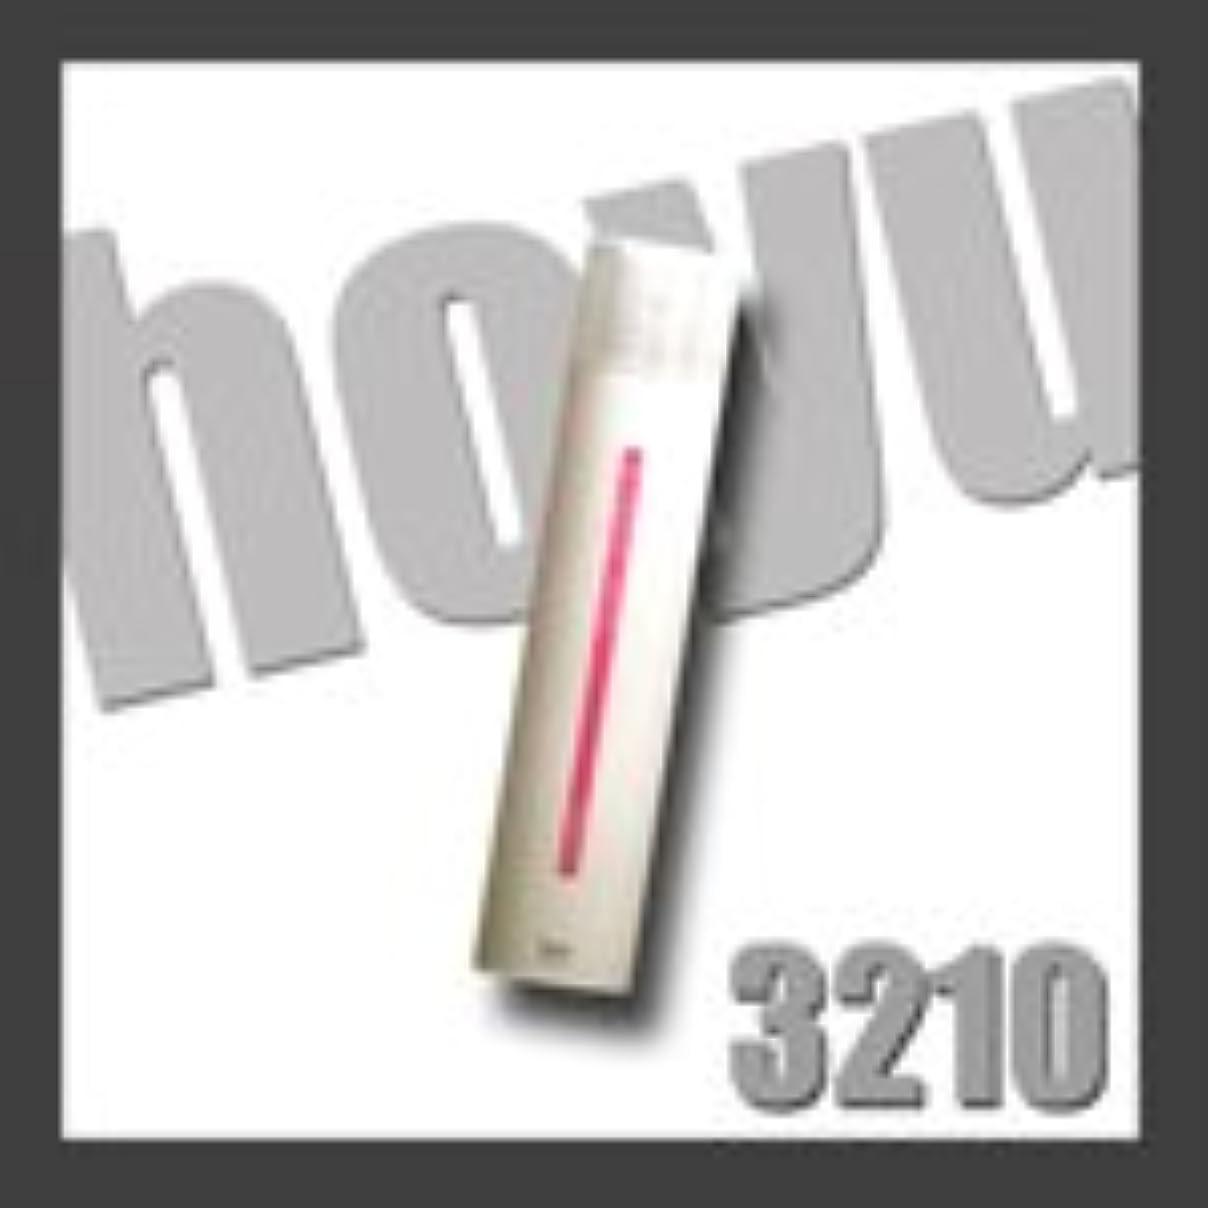 ミリメートル確立セットするHOYU ホーユー 3210 ミニーレ スプリール スタイリングスプレー HF ハードフィックス 180g